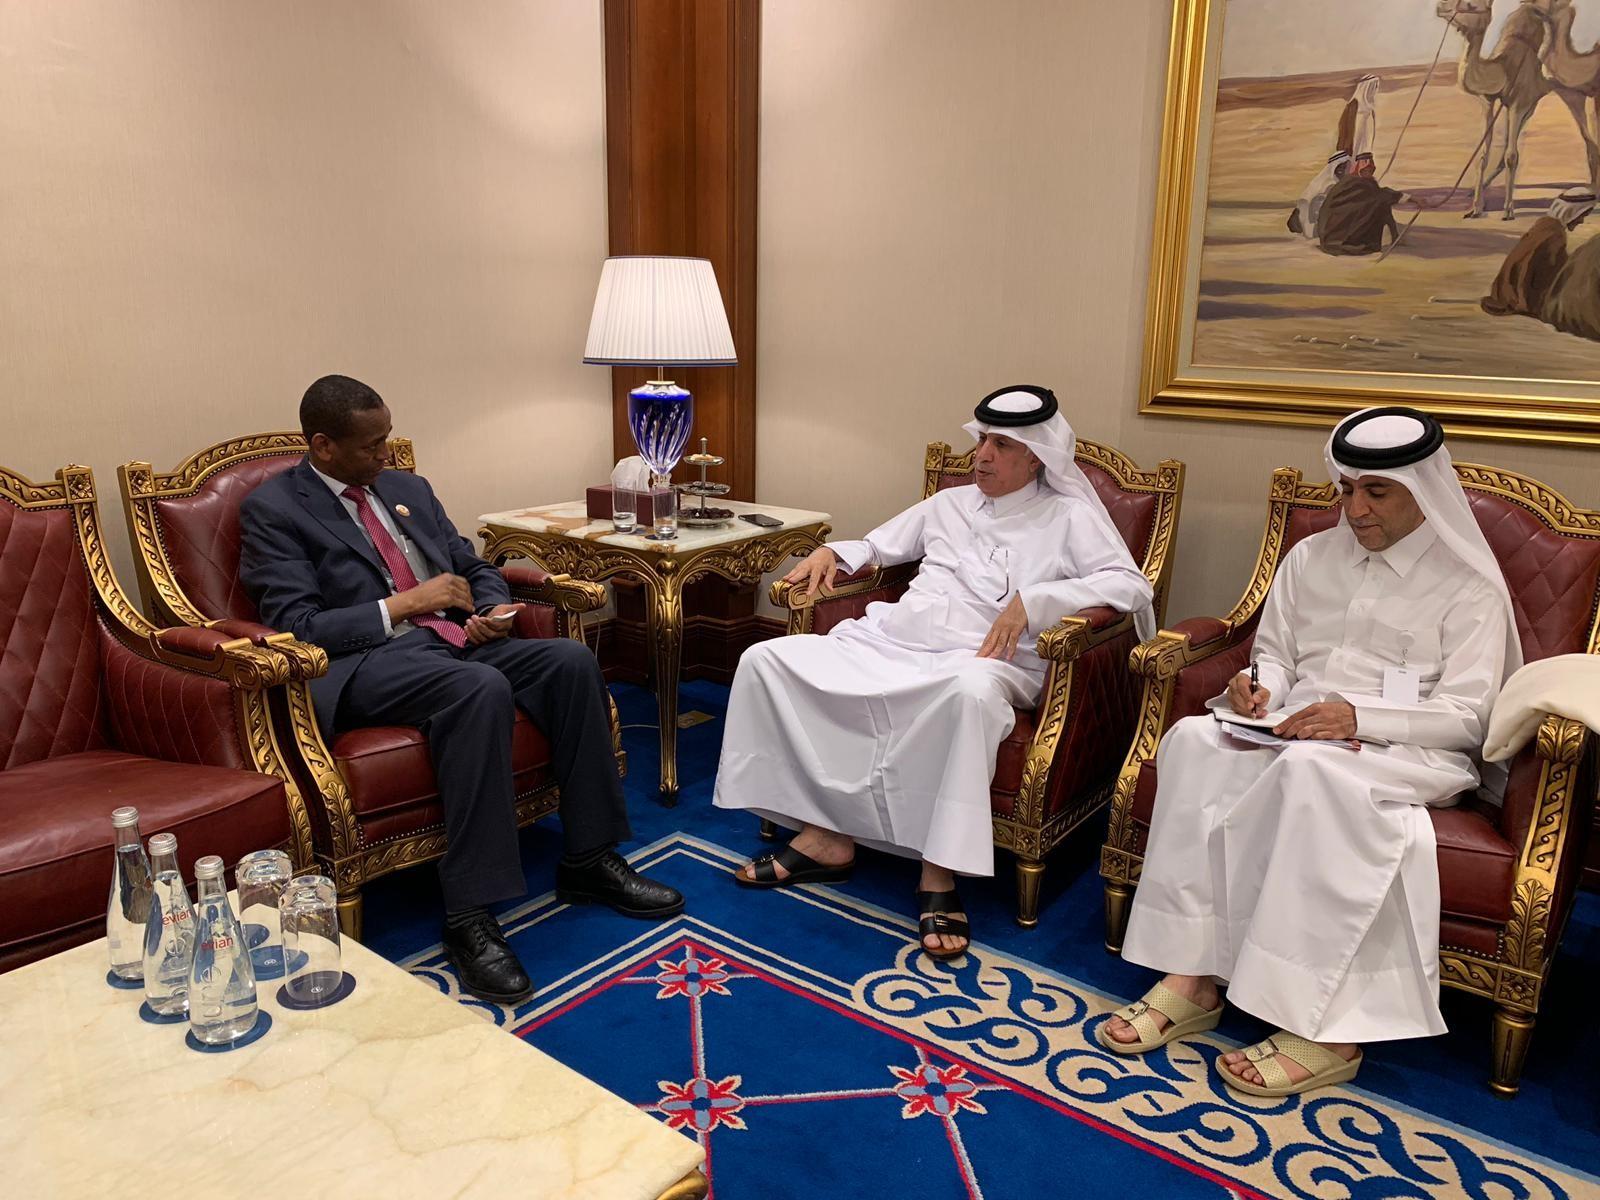 وزير الدولة للشؤون الخارجية يجتمع مع المبعوث الخاص للهيئة الحكومية الدولية المعنية بالتنمية